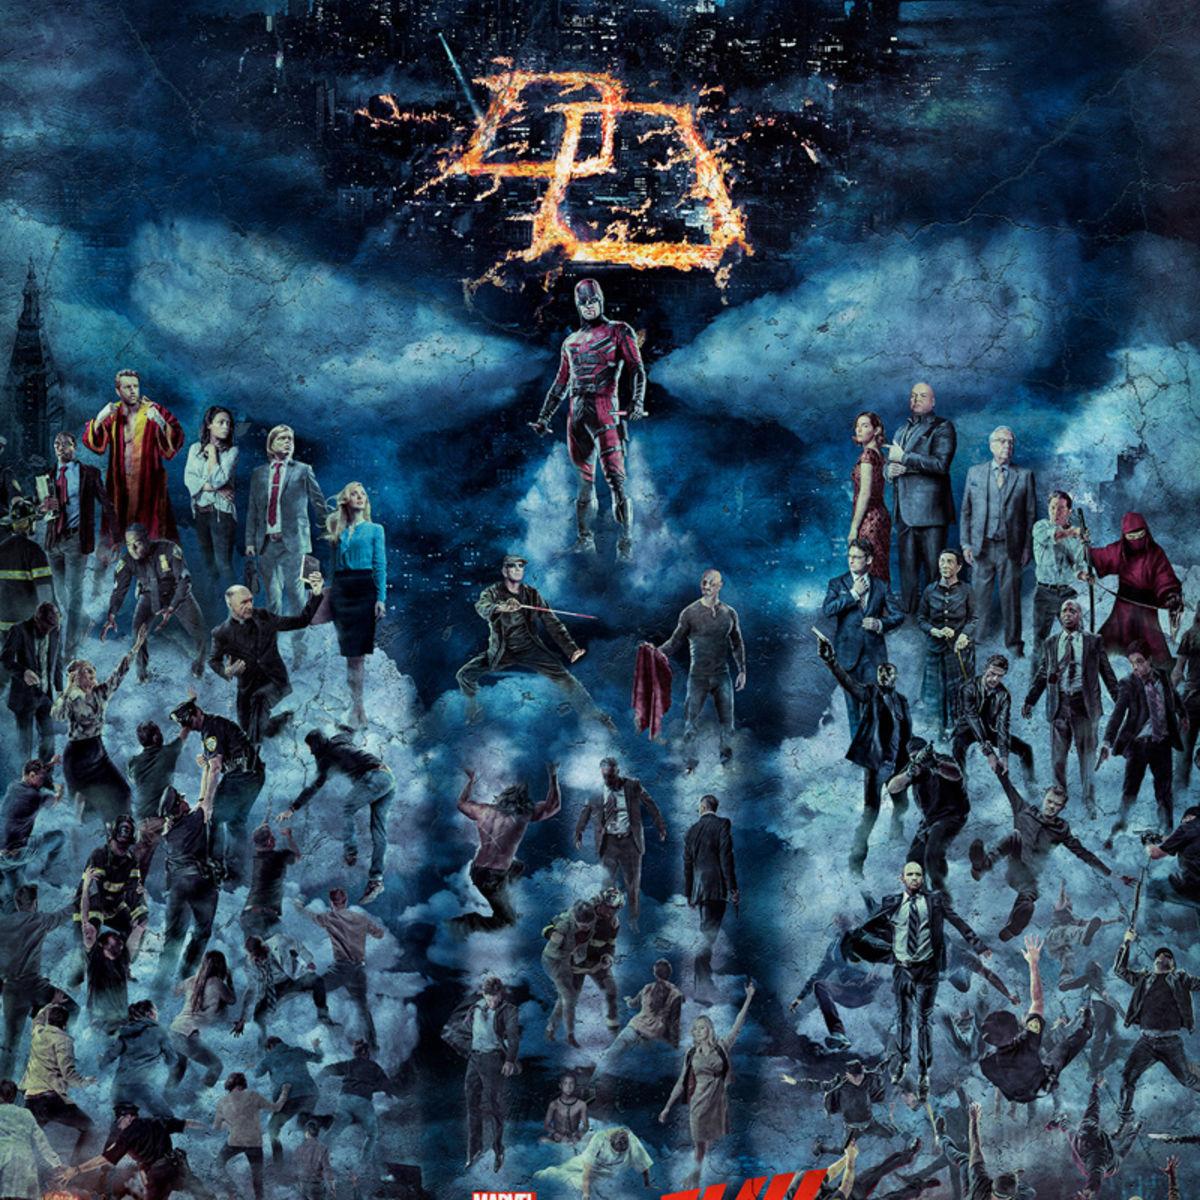 Daredevil_S2_Poster.jpg